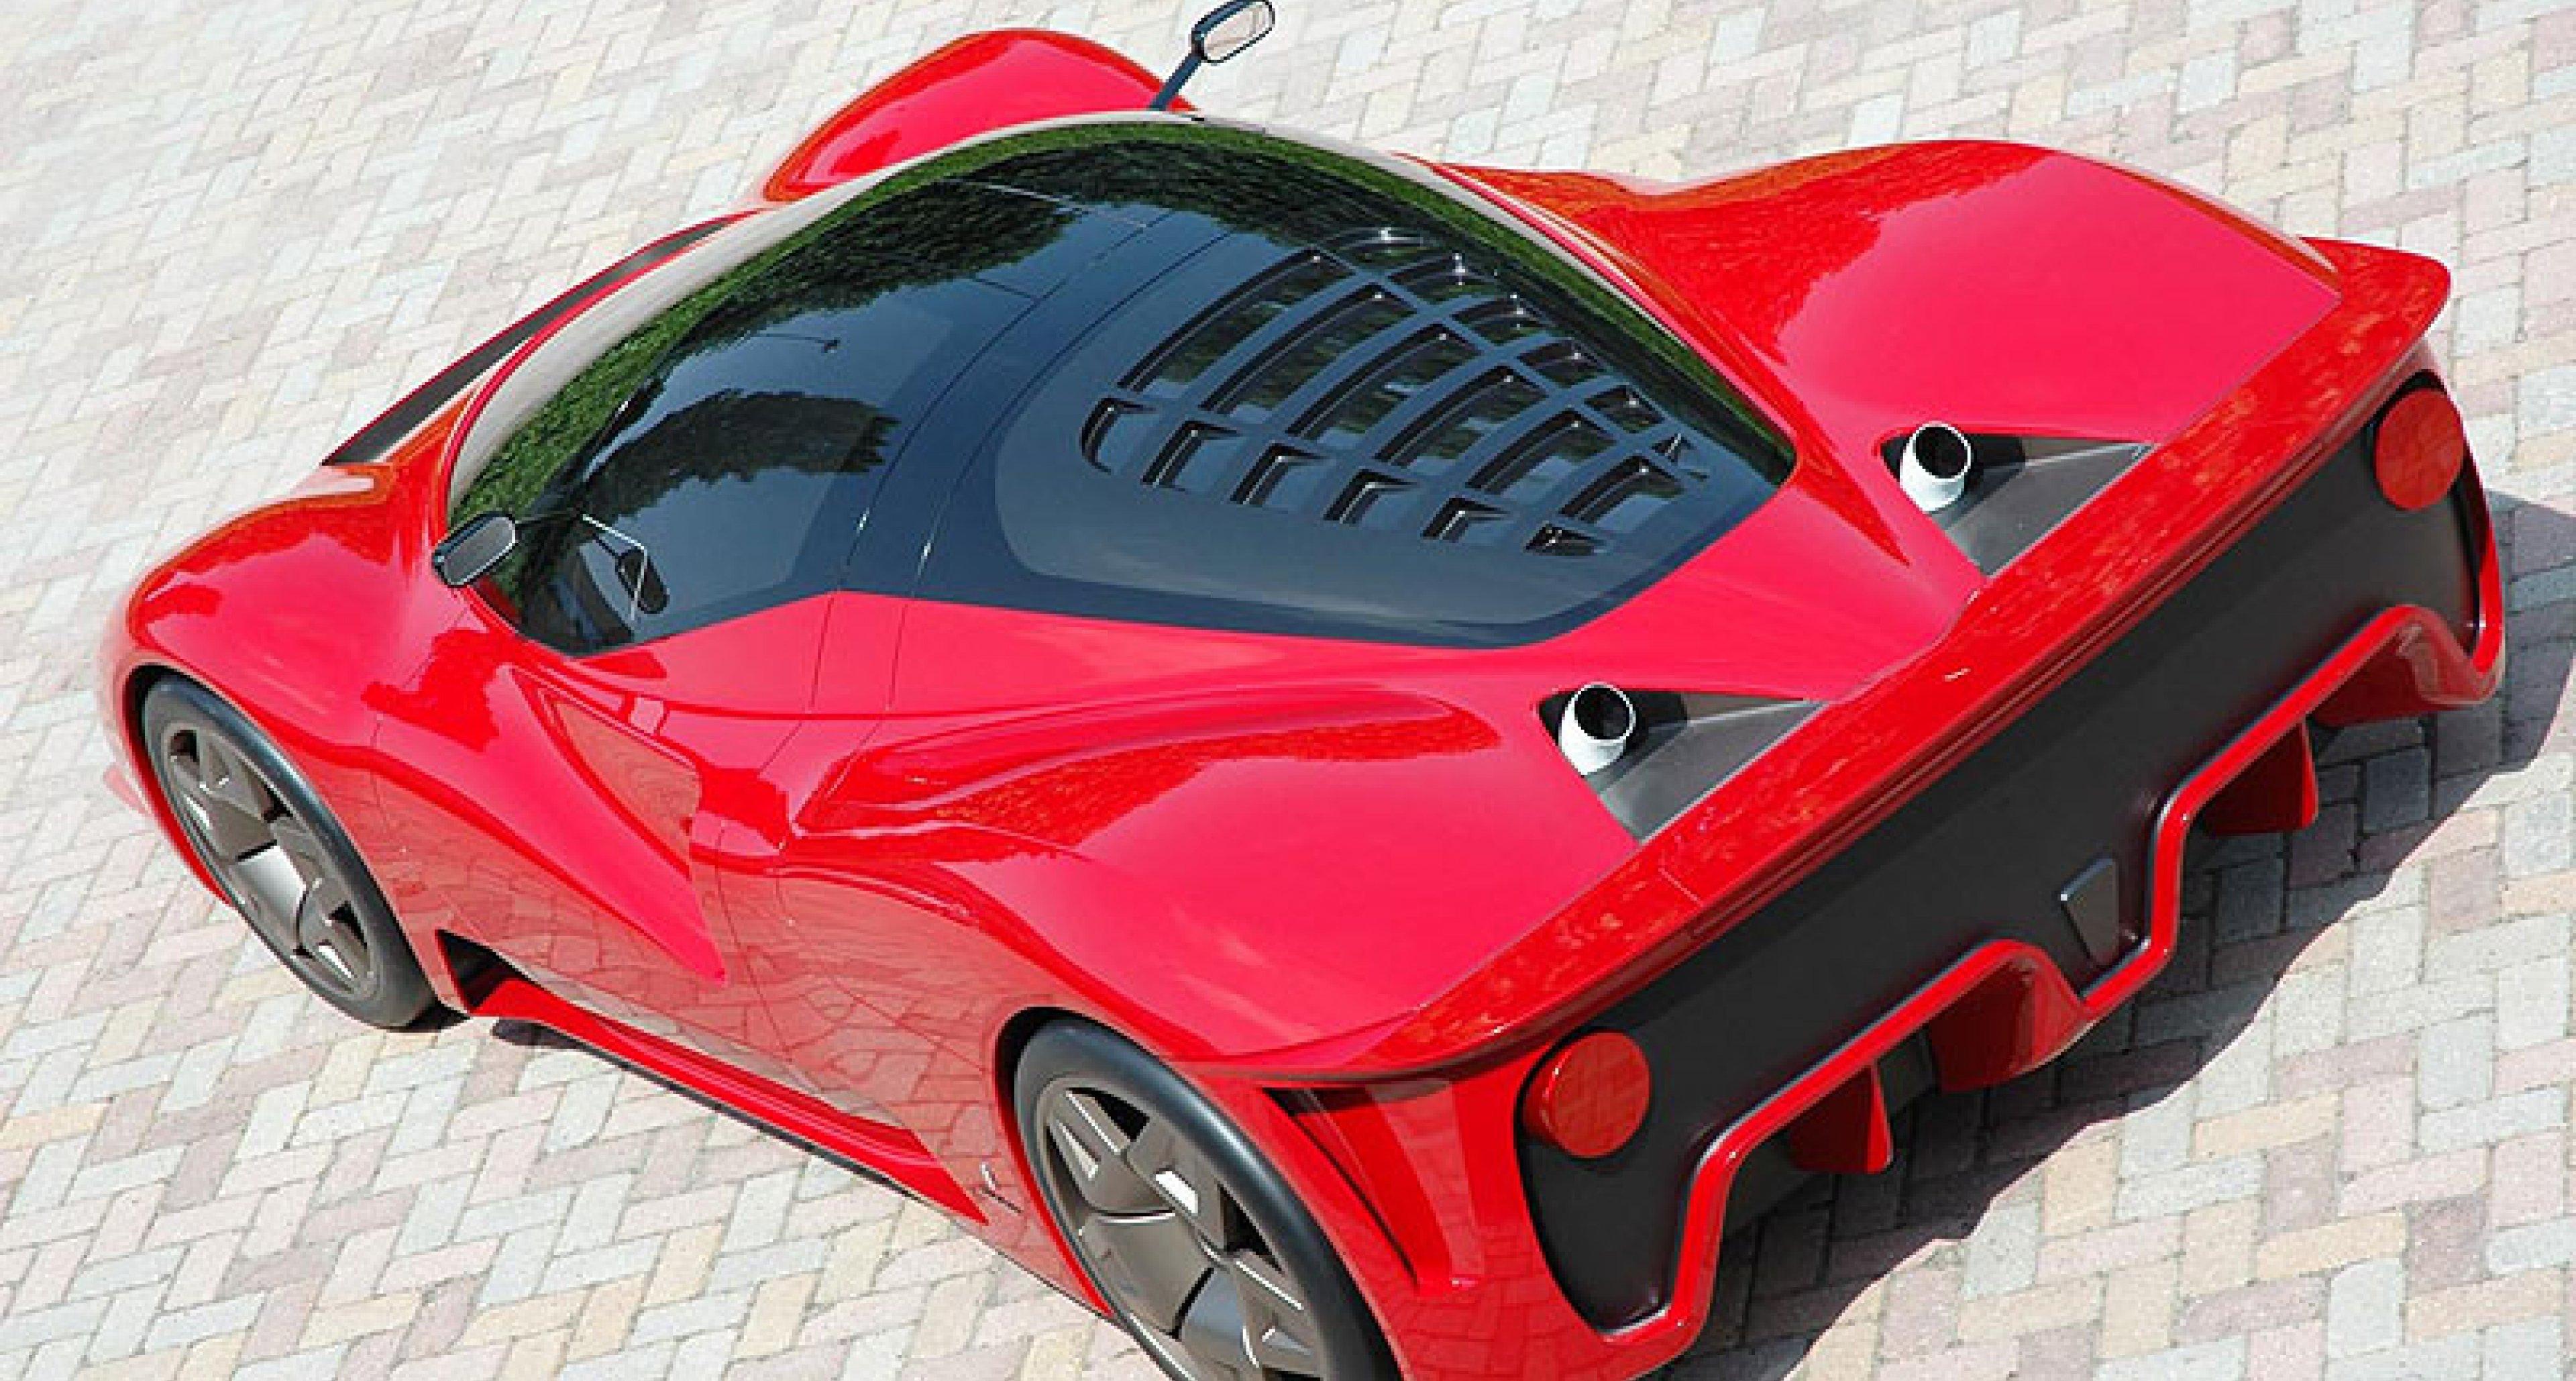 Ferrari P45 By Pininfarina At Pebble Beach 2006 Classic